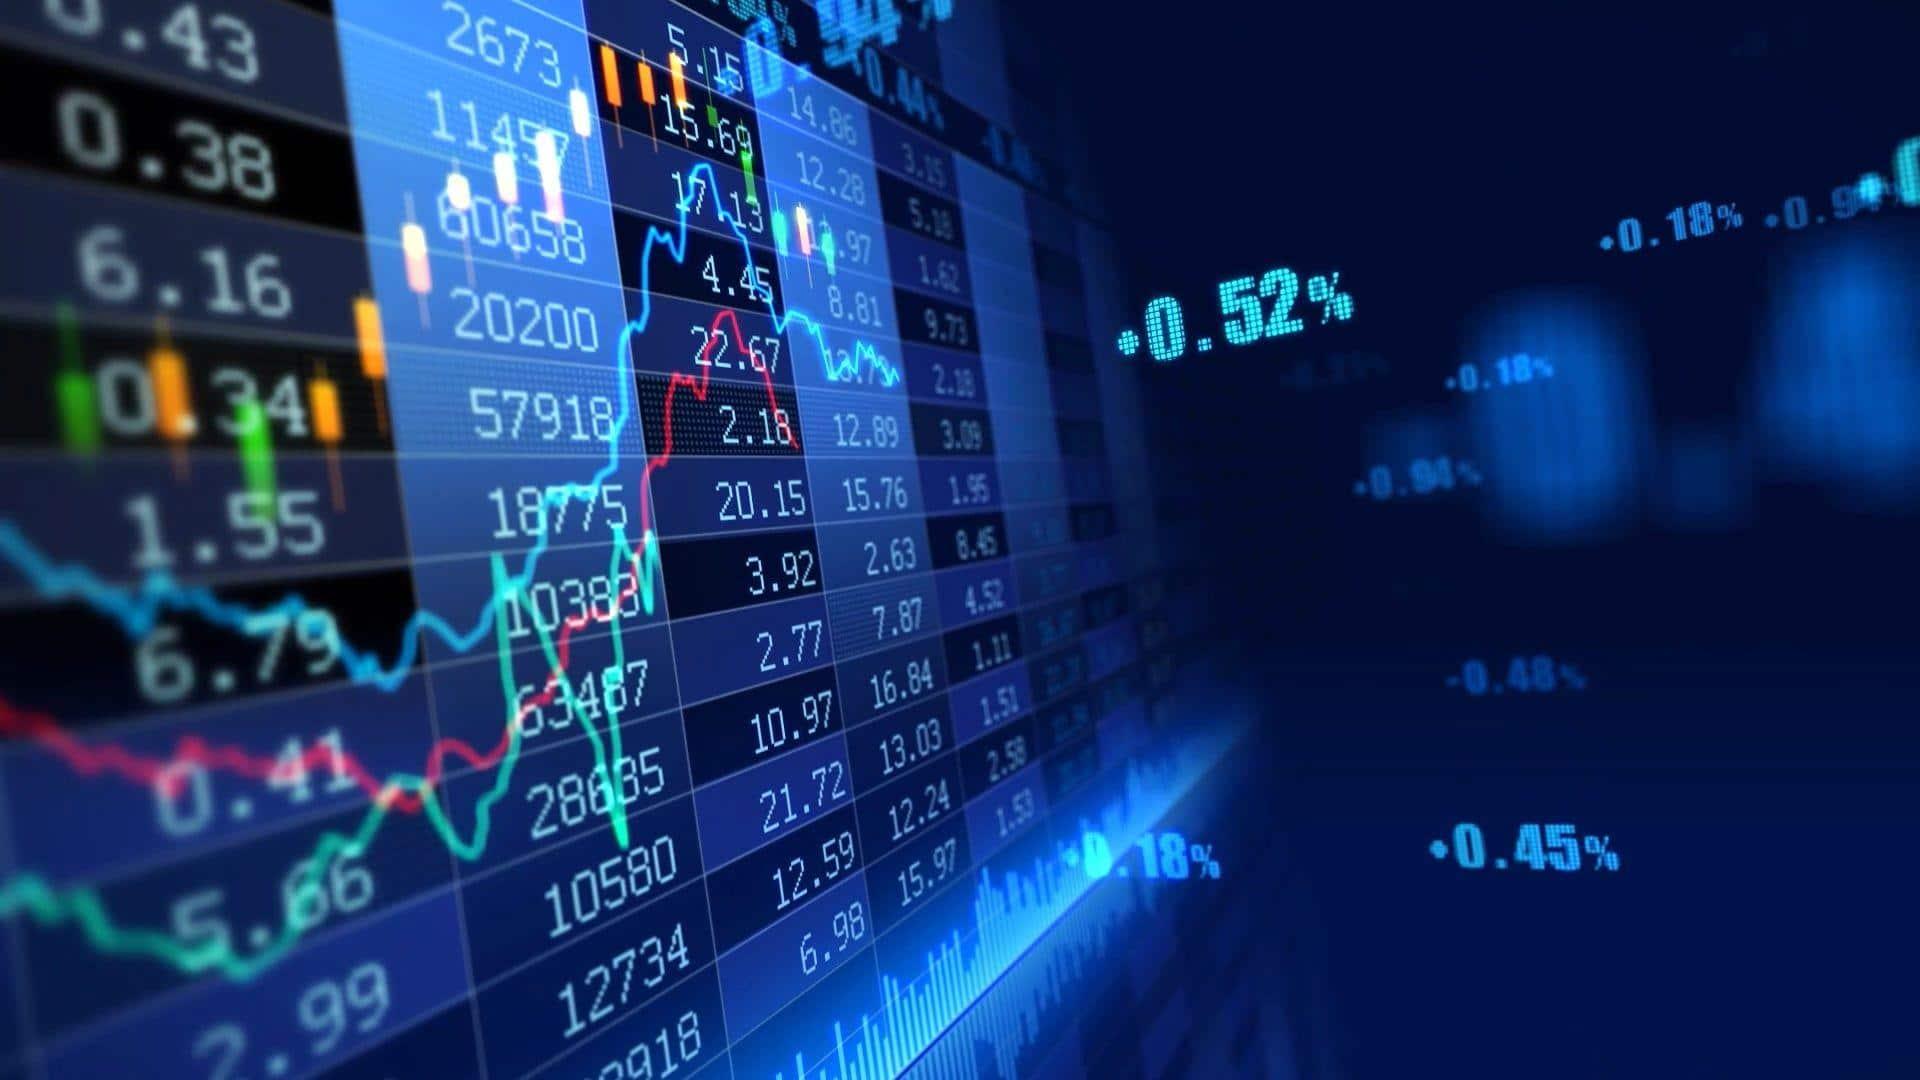 VIX index – Vad är det? | Volatilitetsindex & Vix 2019 – (realtid)